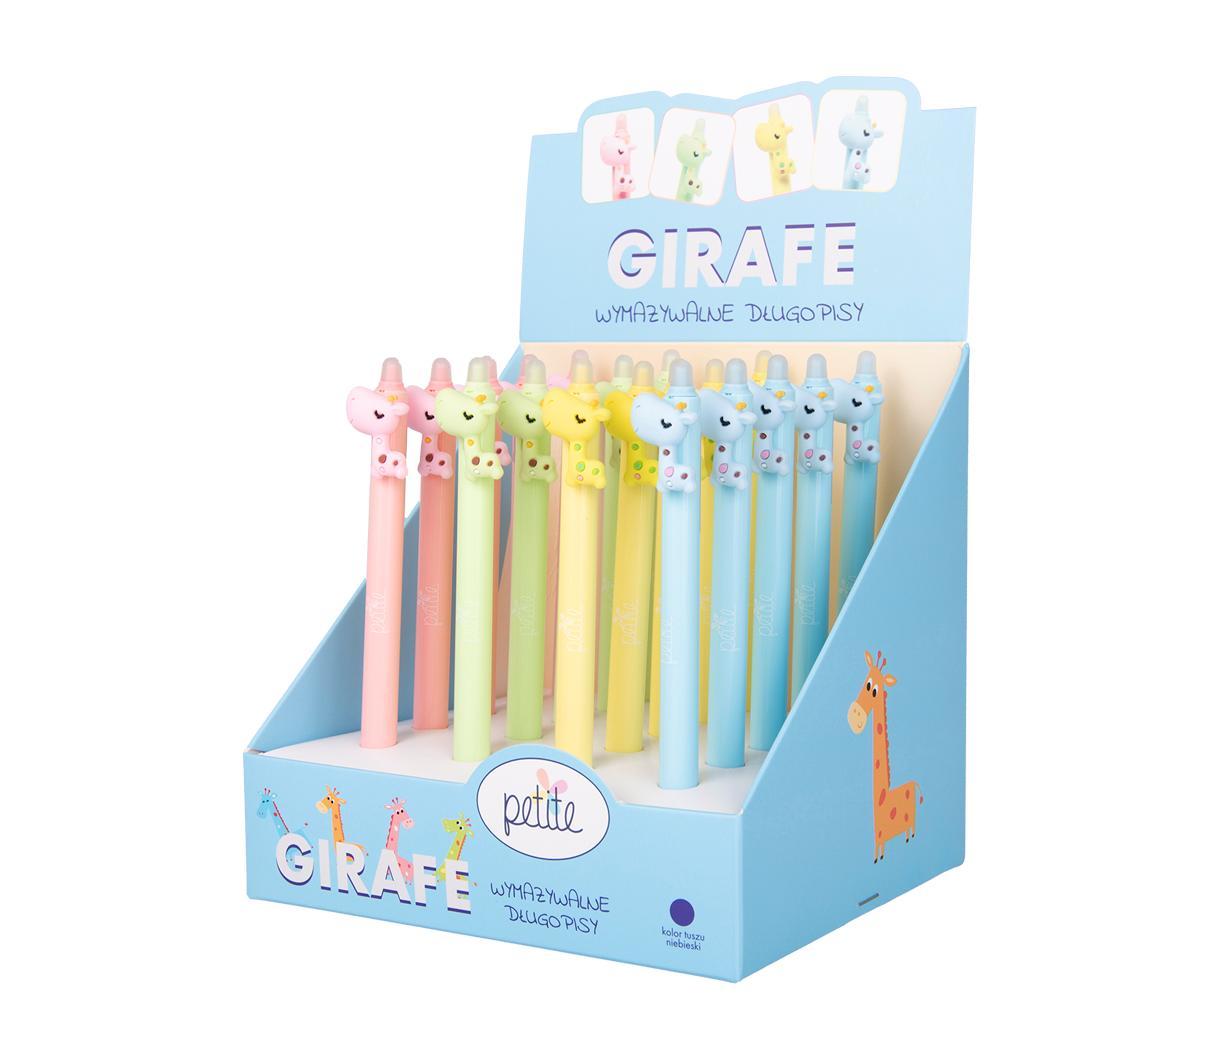 Długopis wymazywalny Petite Girafe (20szt)